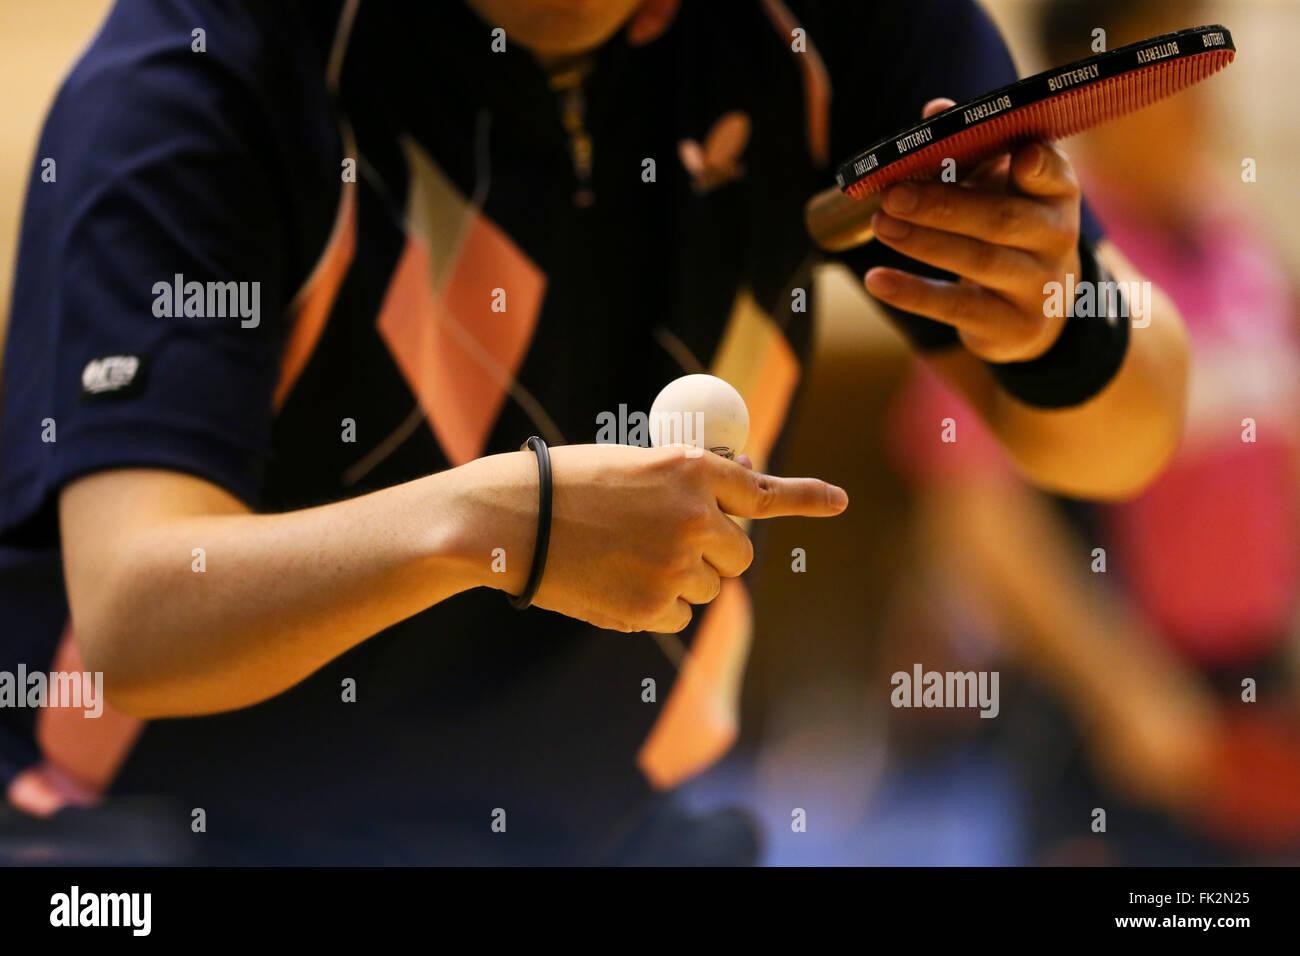 Osaka, Giappone. Mar 5, 2016. Dettaglio shot Tennis da tavolo : Giappone aprire Para Table Tennis campionati a rapporti Immagini Stock